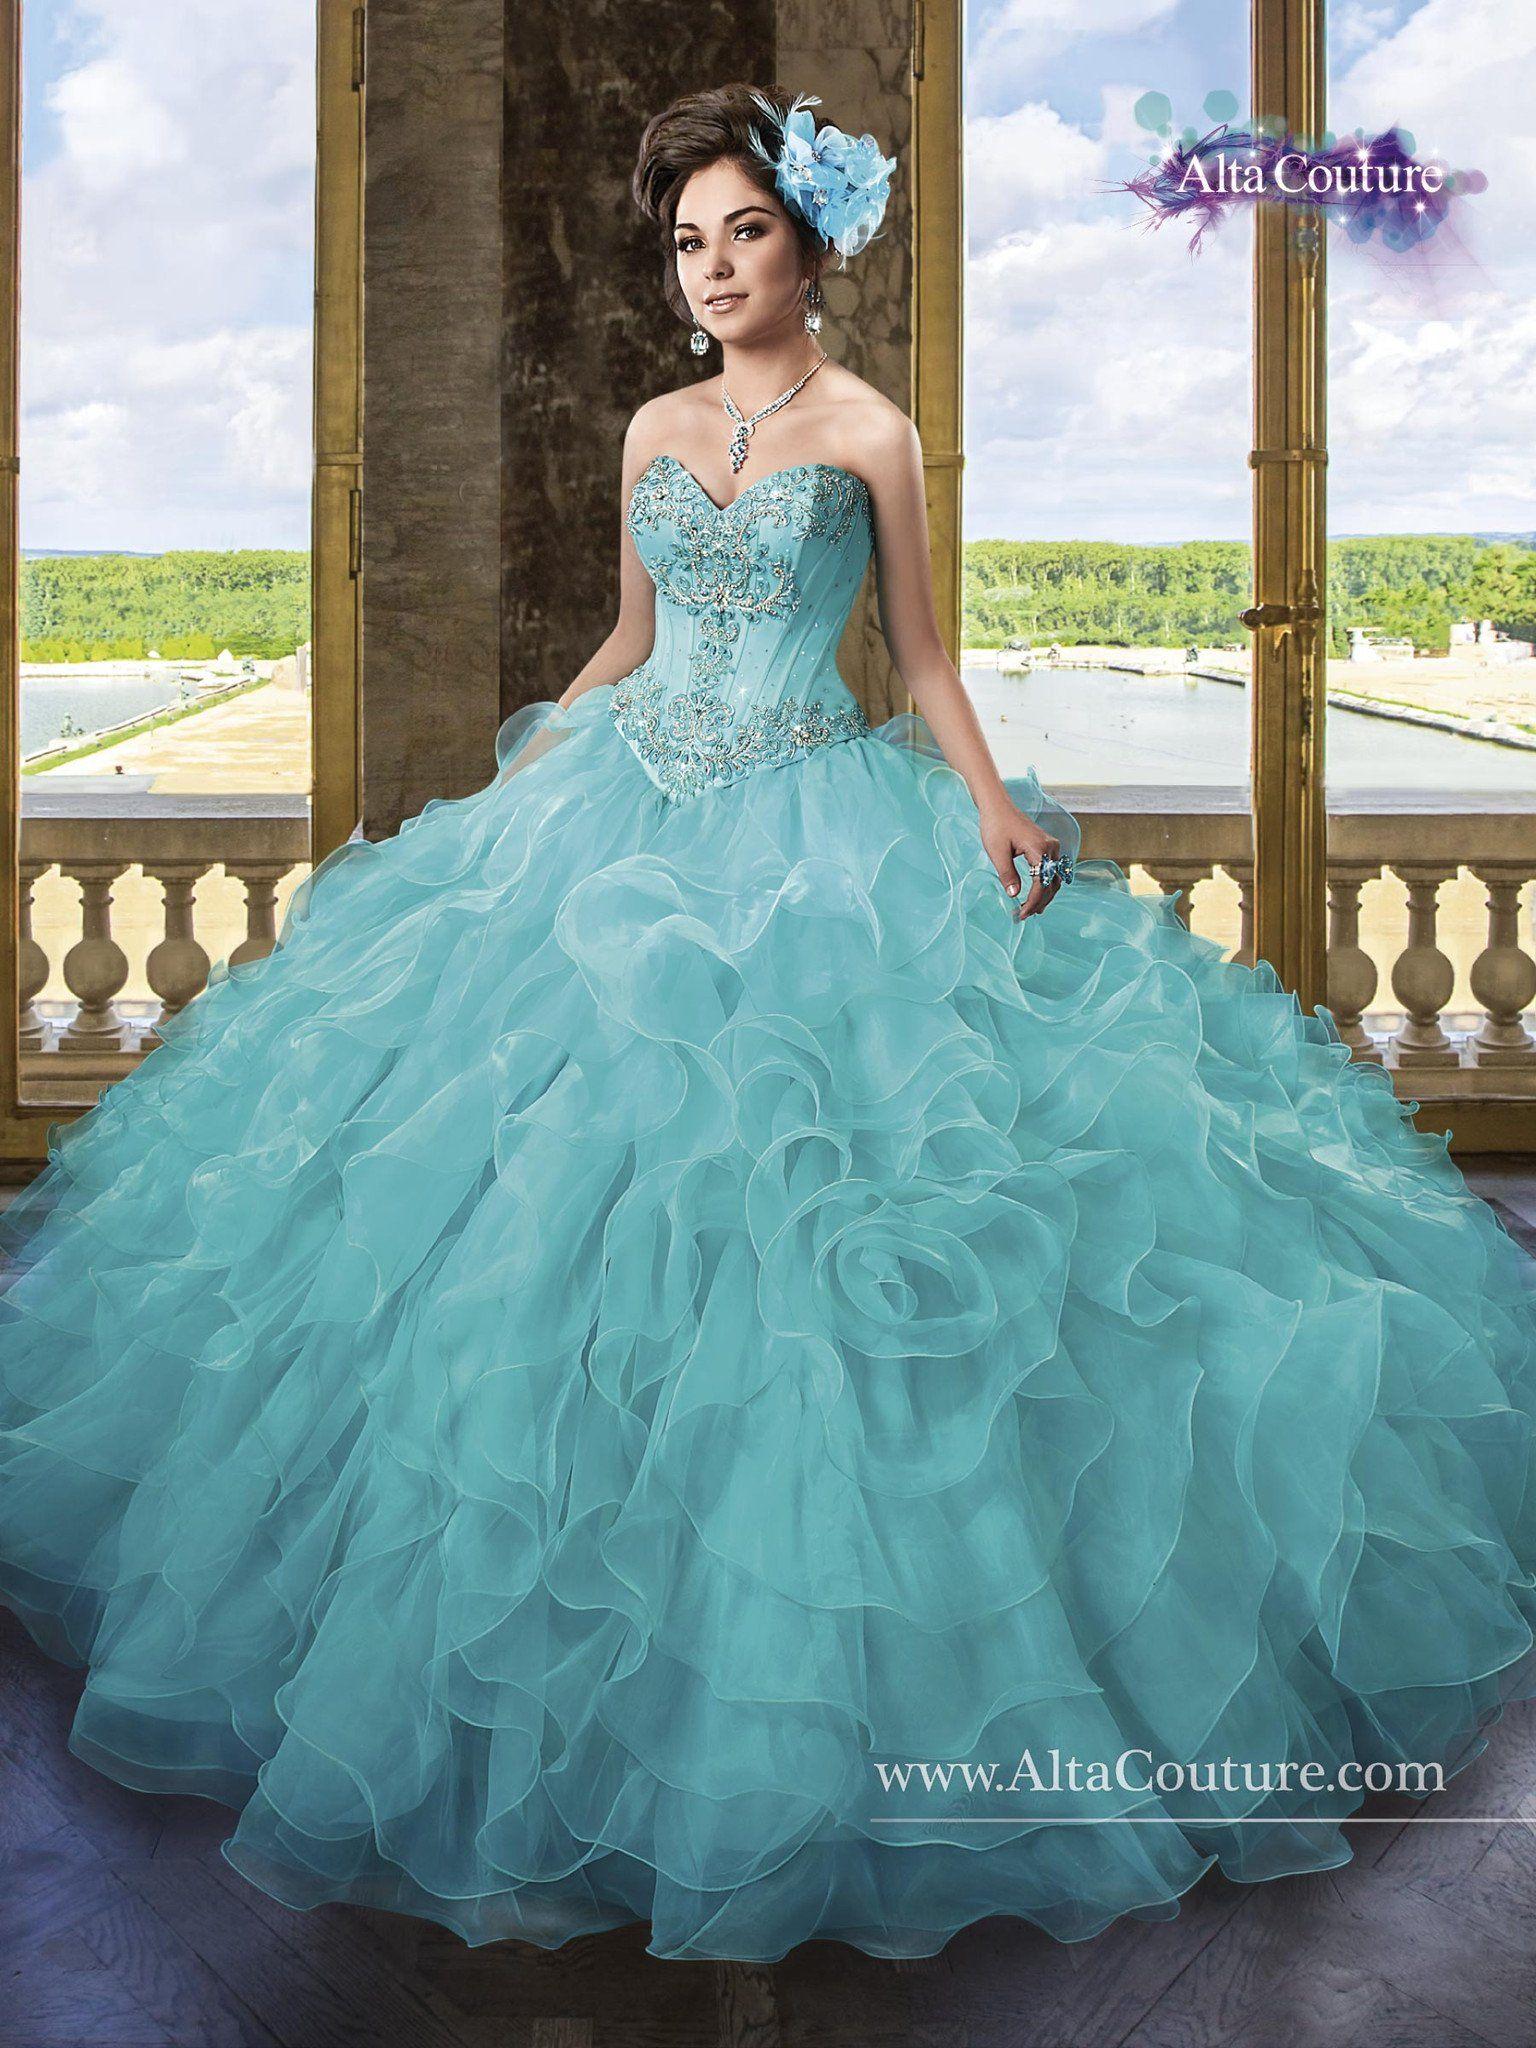 f4667b53325 Alta Couture Quinceanera Dresses